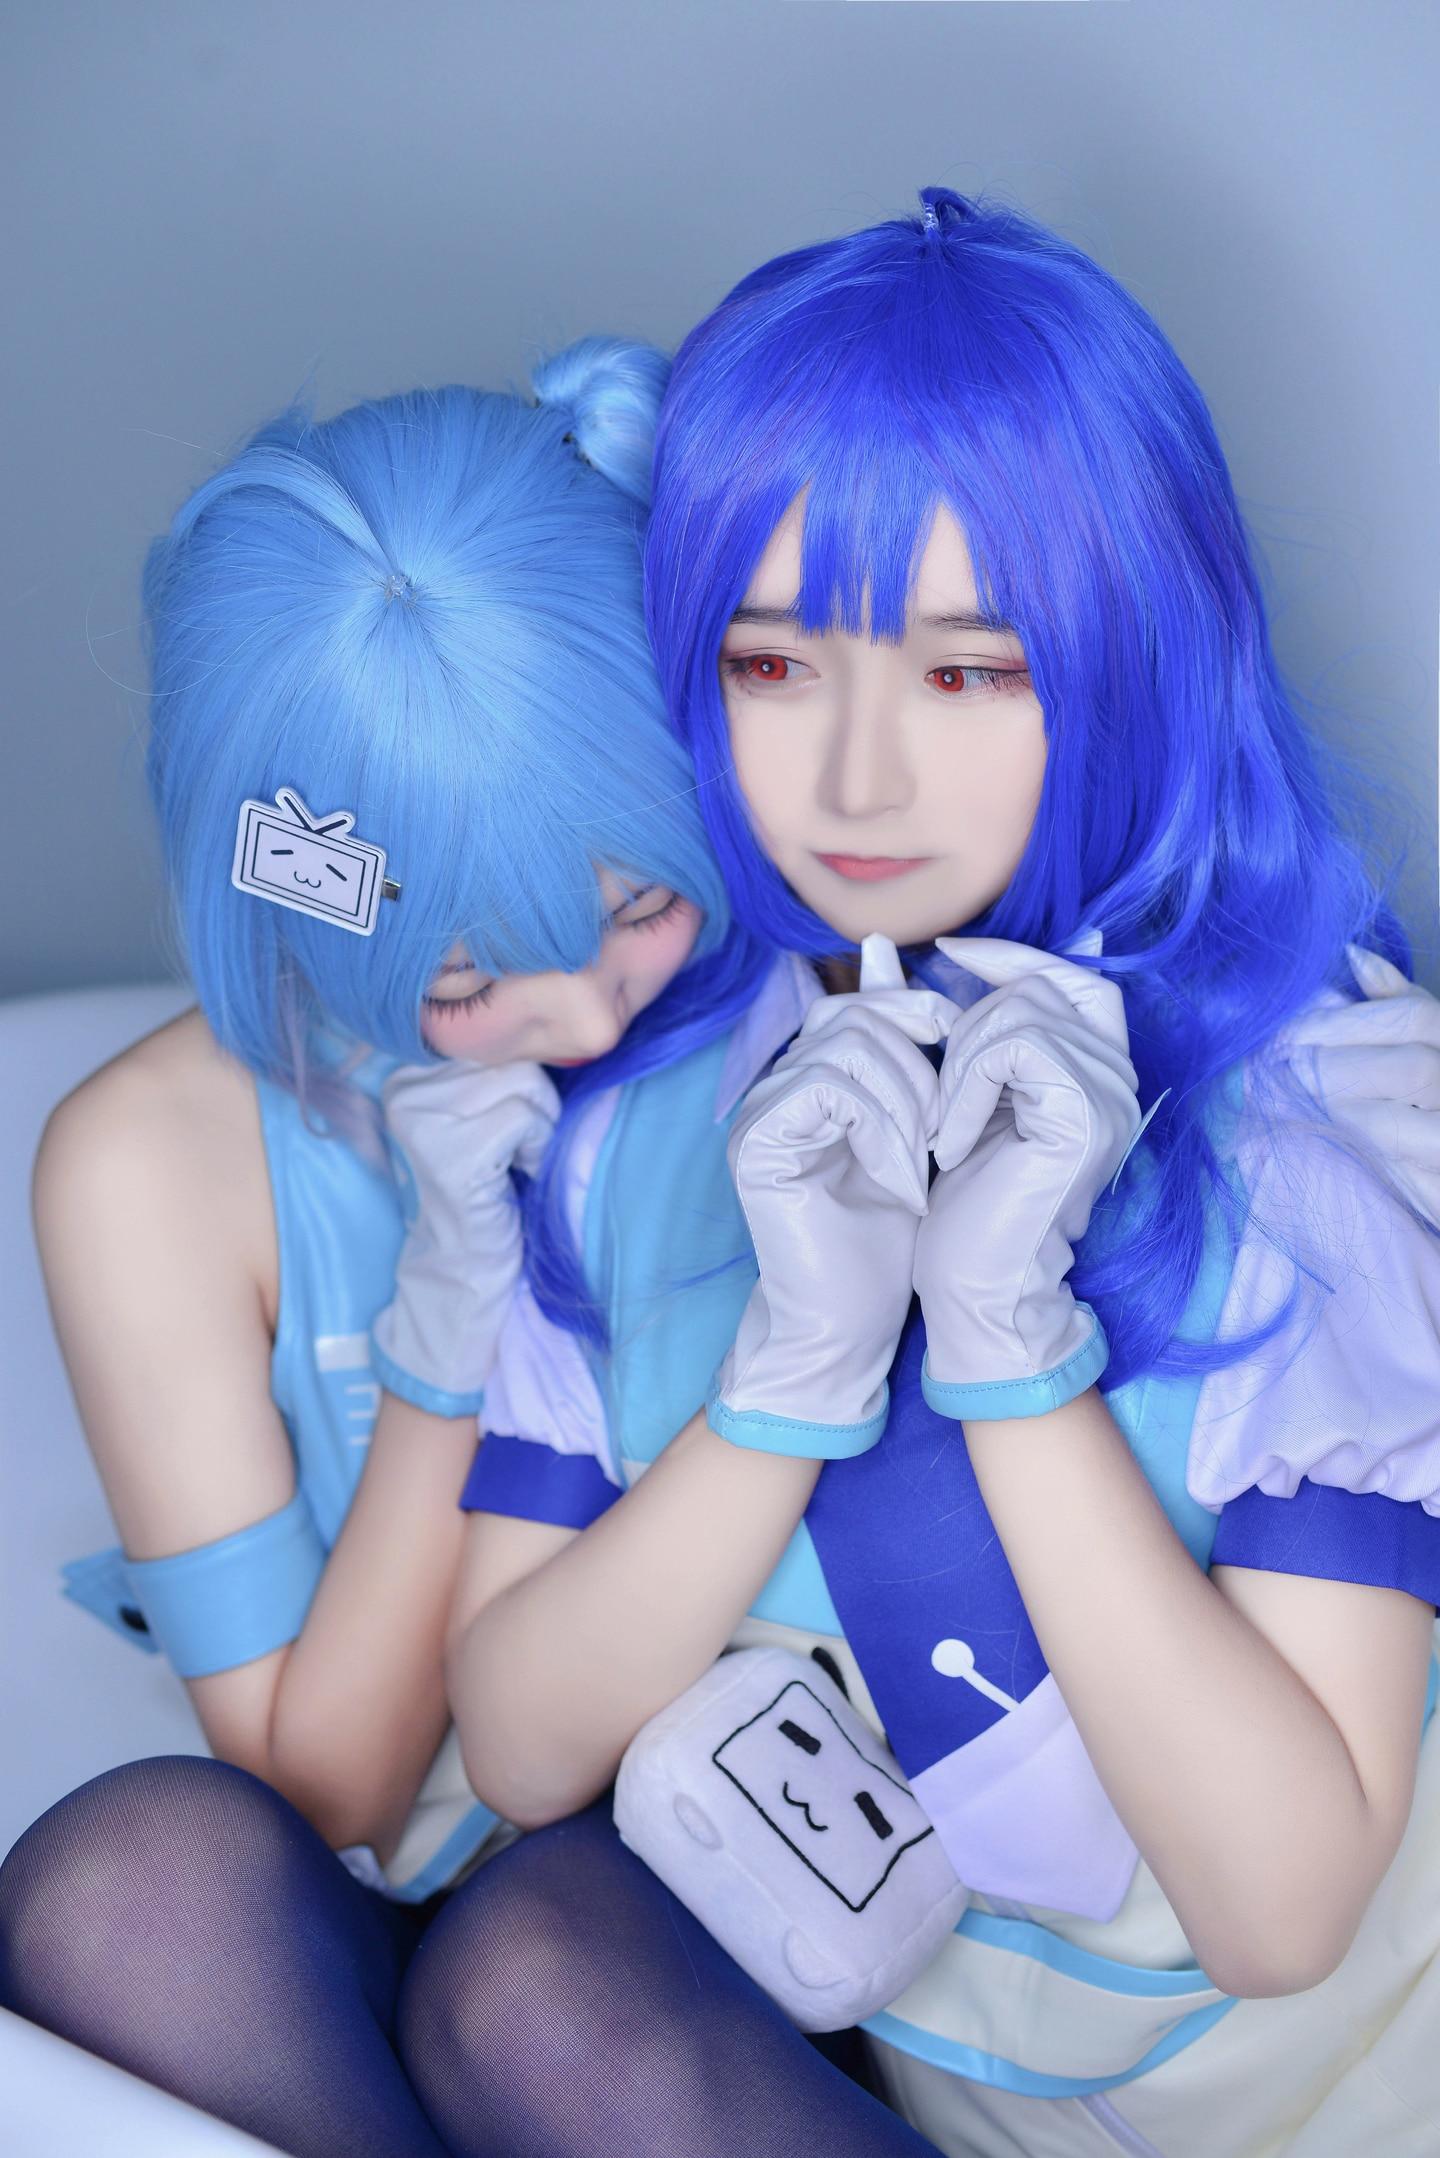 哔哩哔哩2233娘cosplay